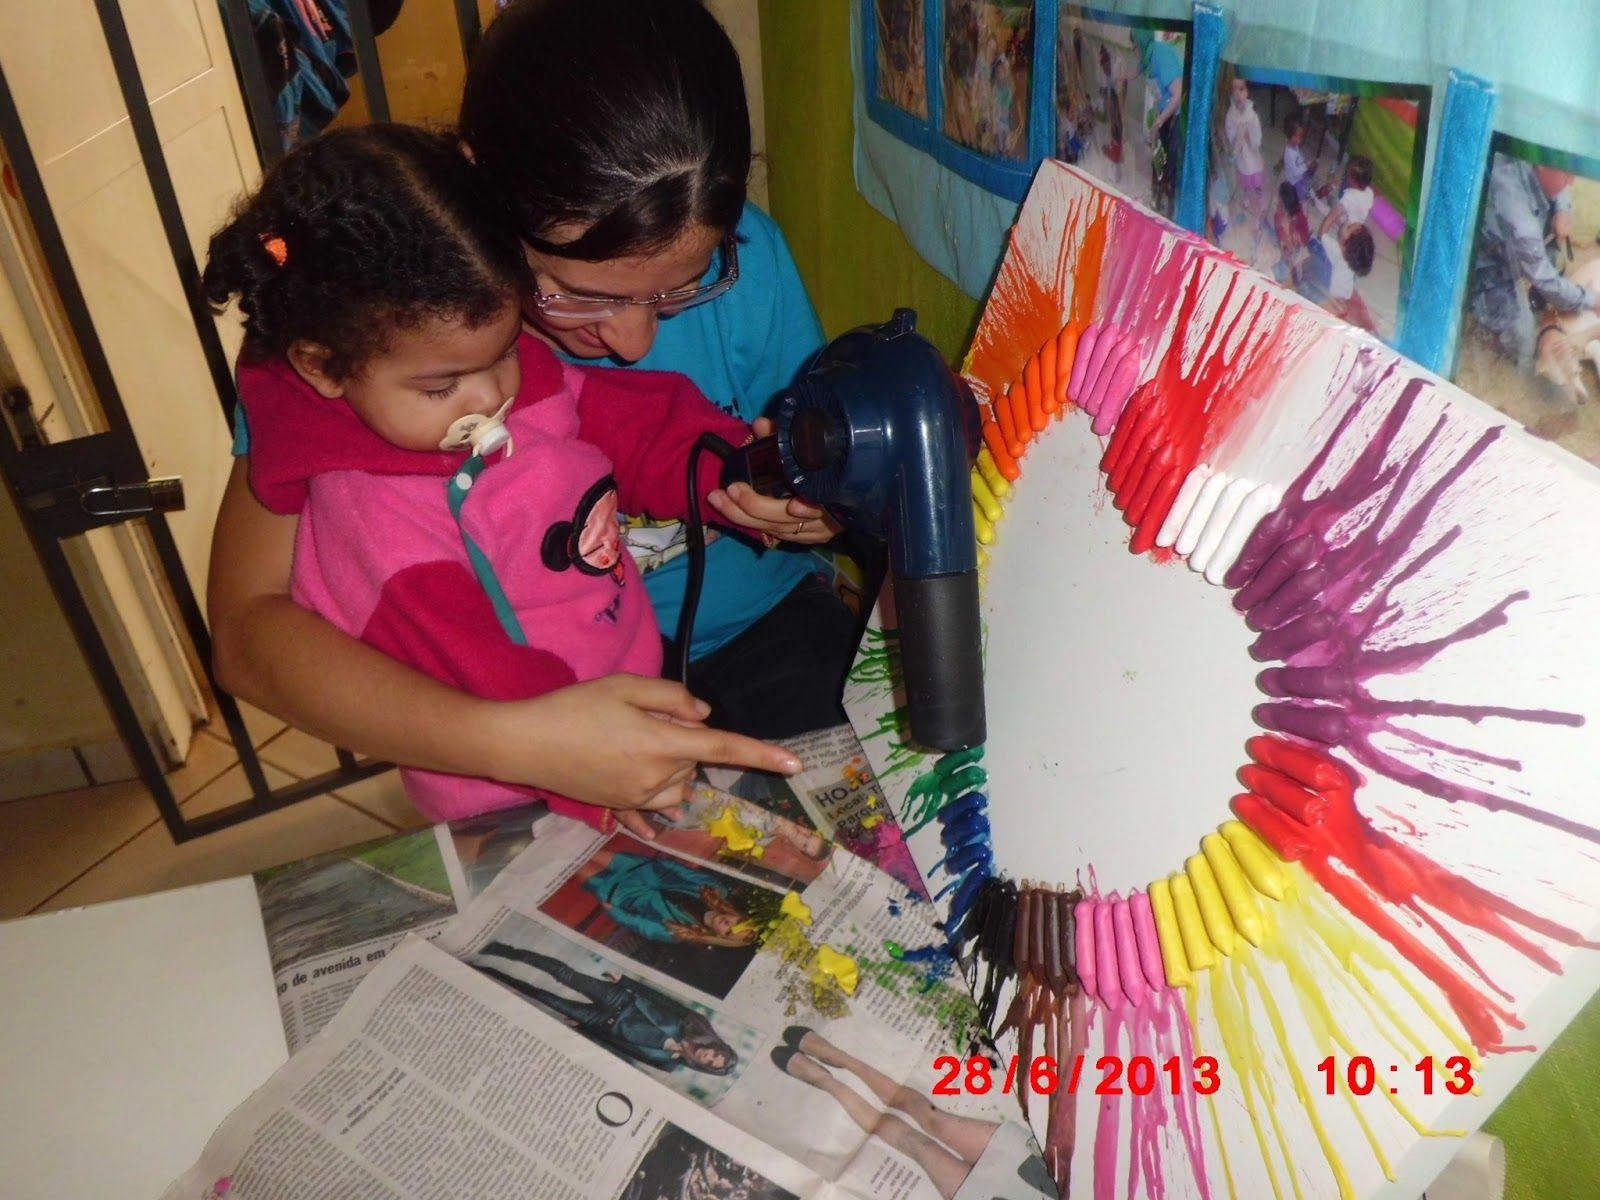 Preferência tecnicas de pintura para educação infantil - Pesquisa Google  CH39